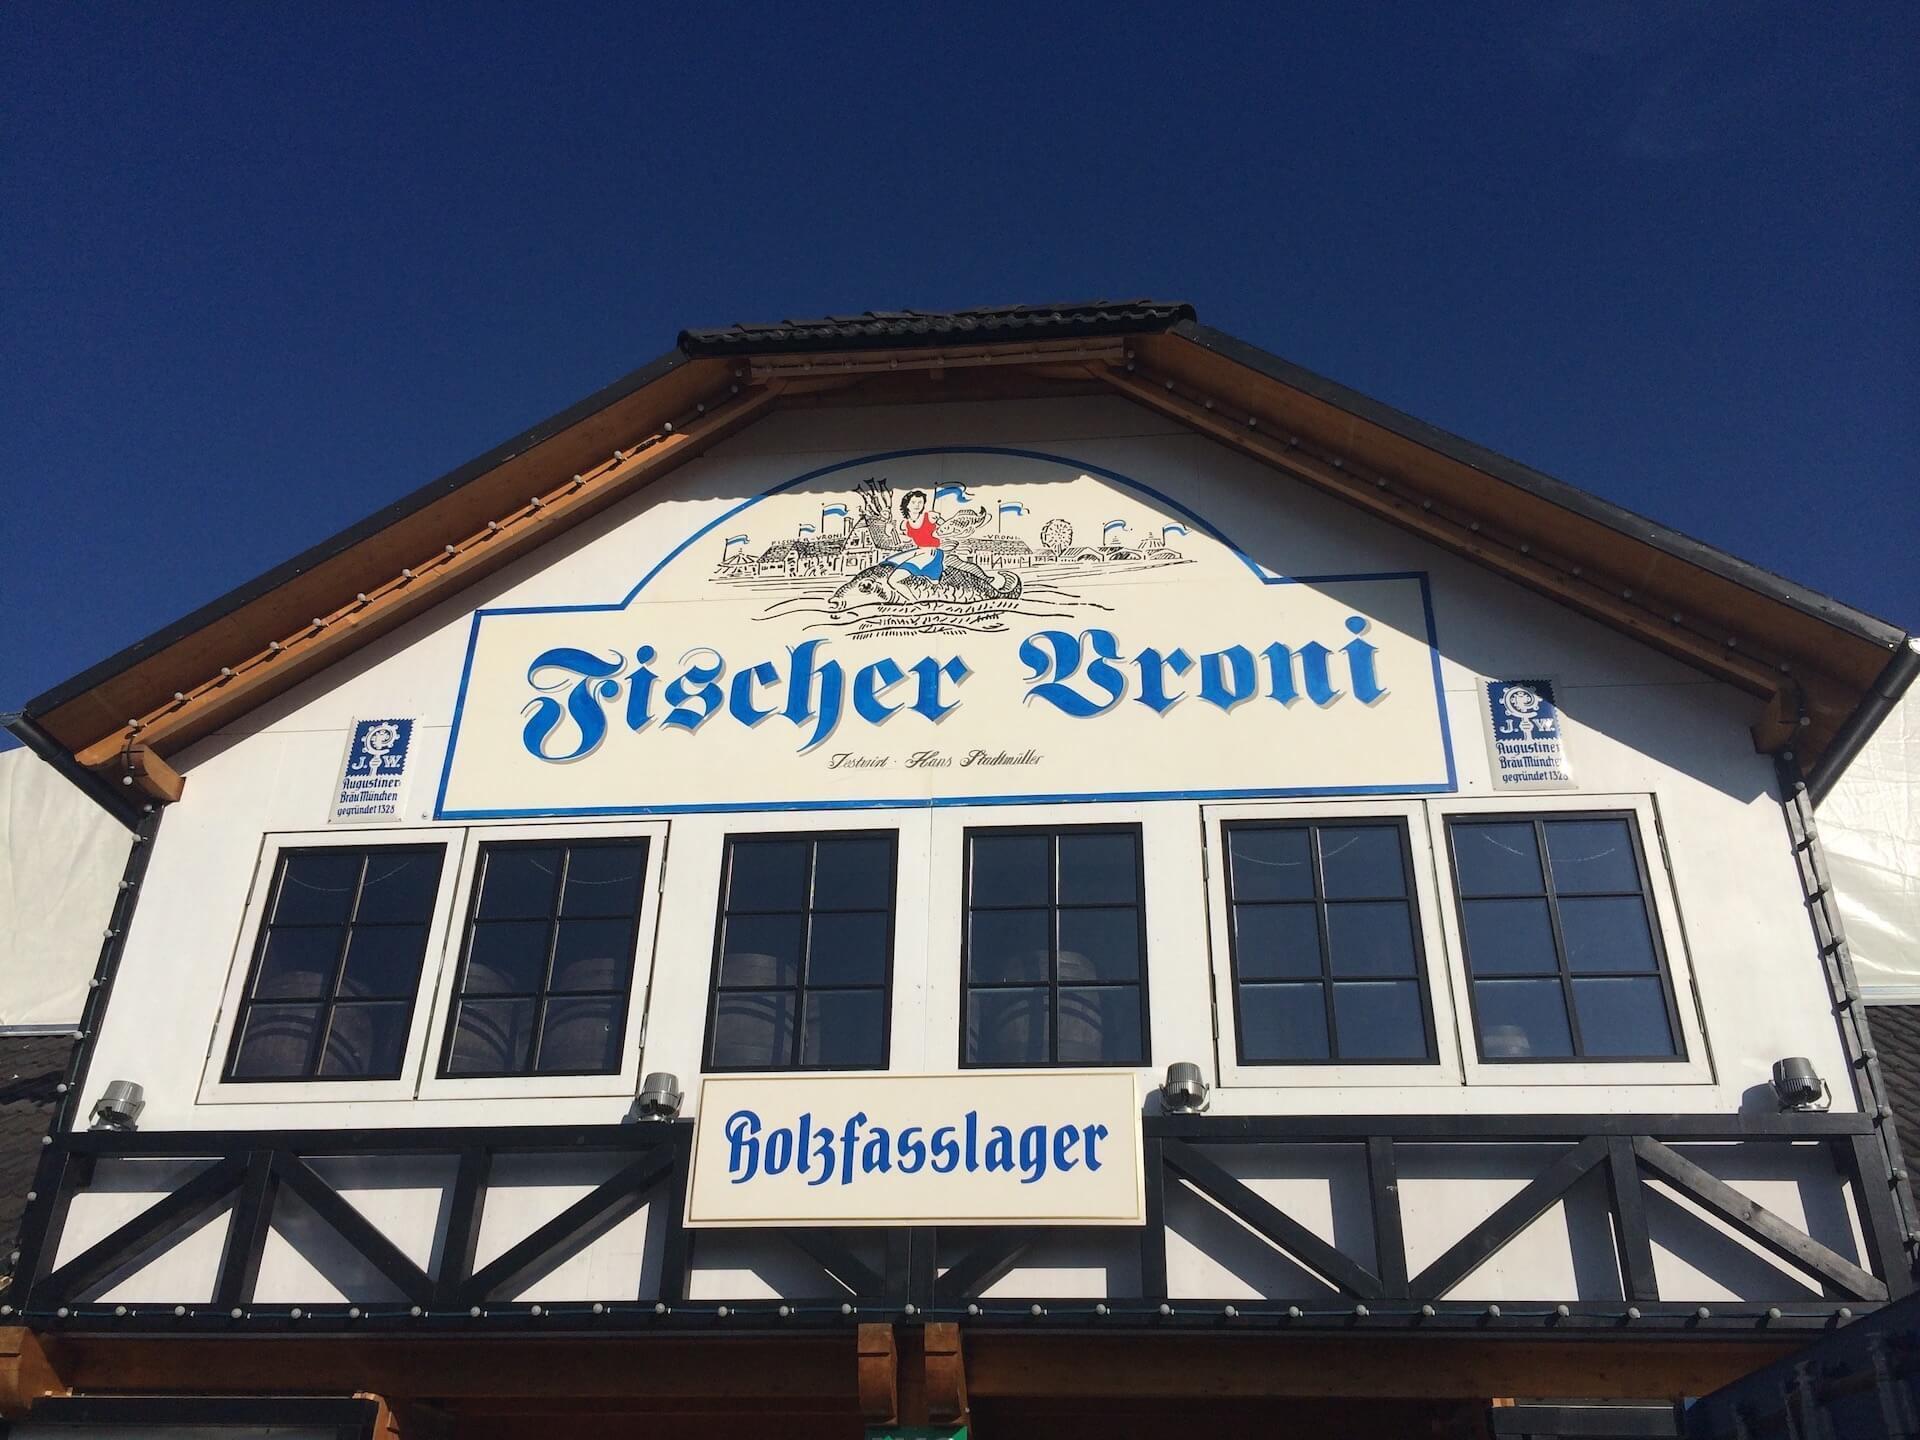 Oktoberfest Beer Tent - Fischer